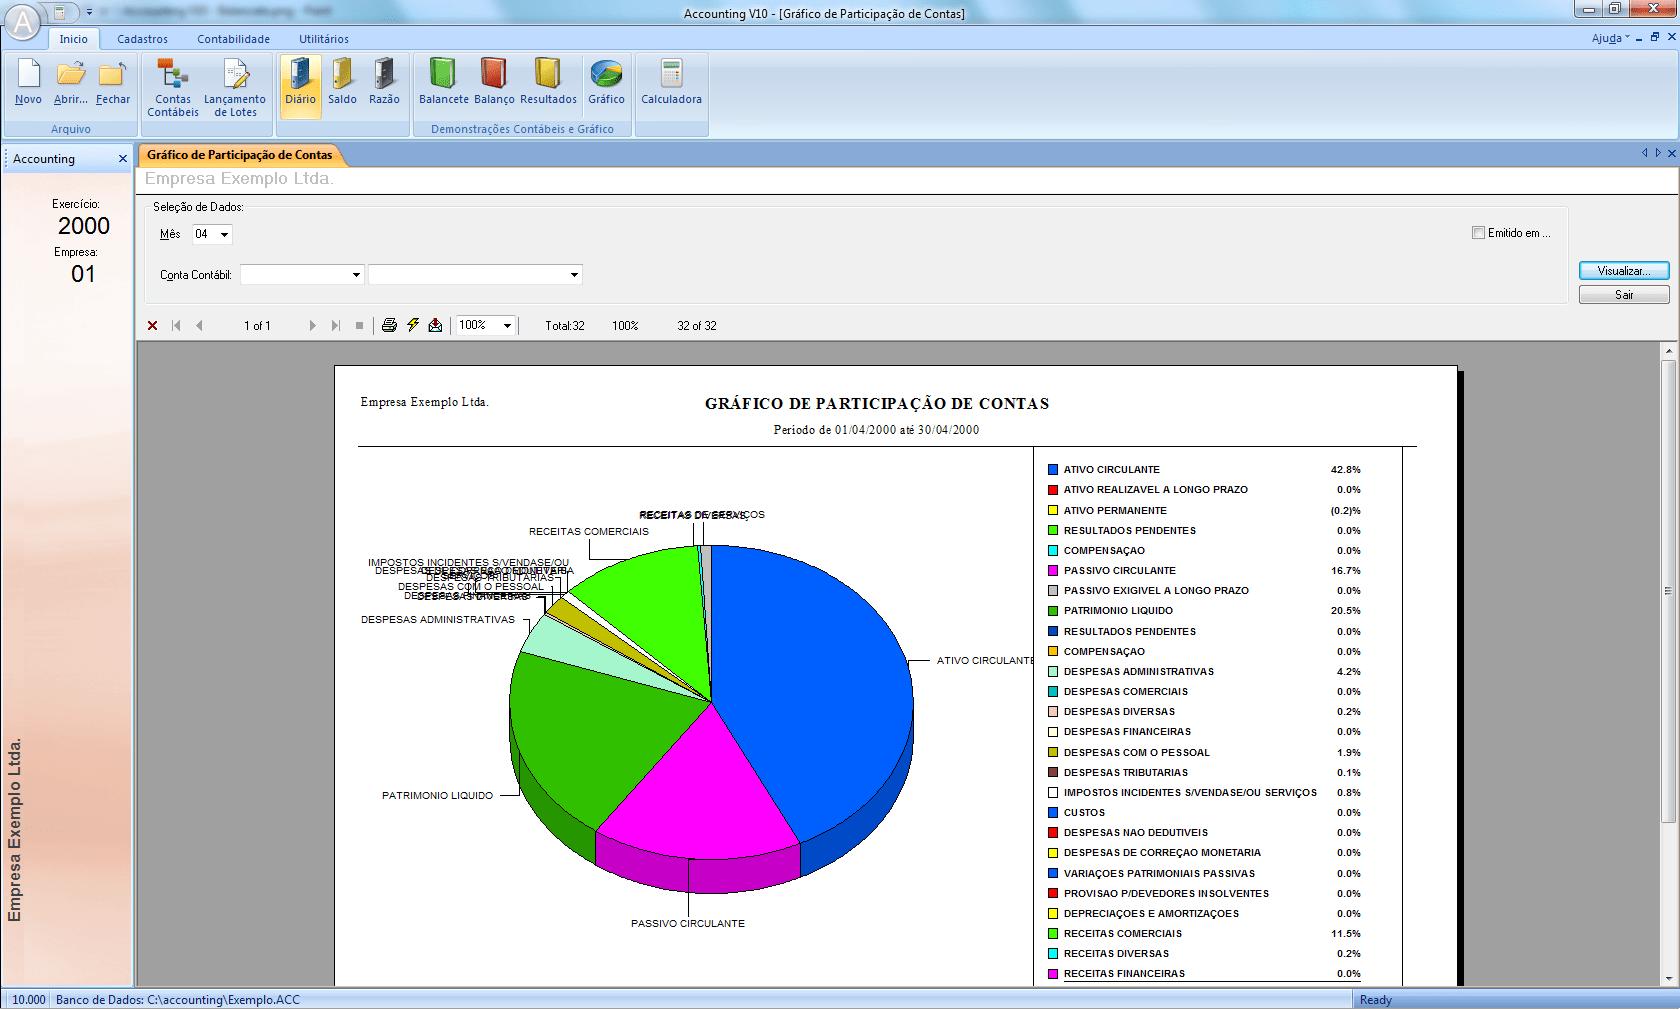 Accounting V10